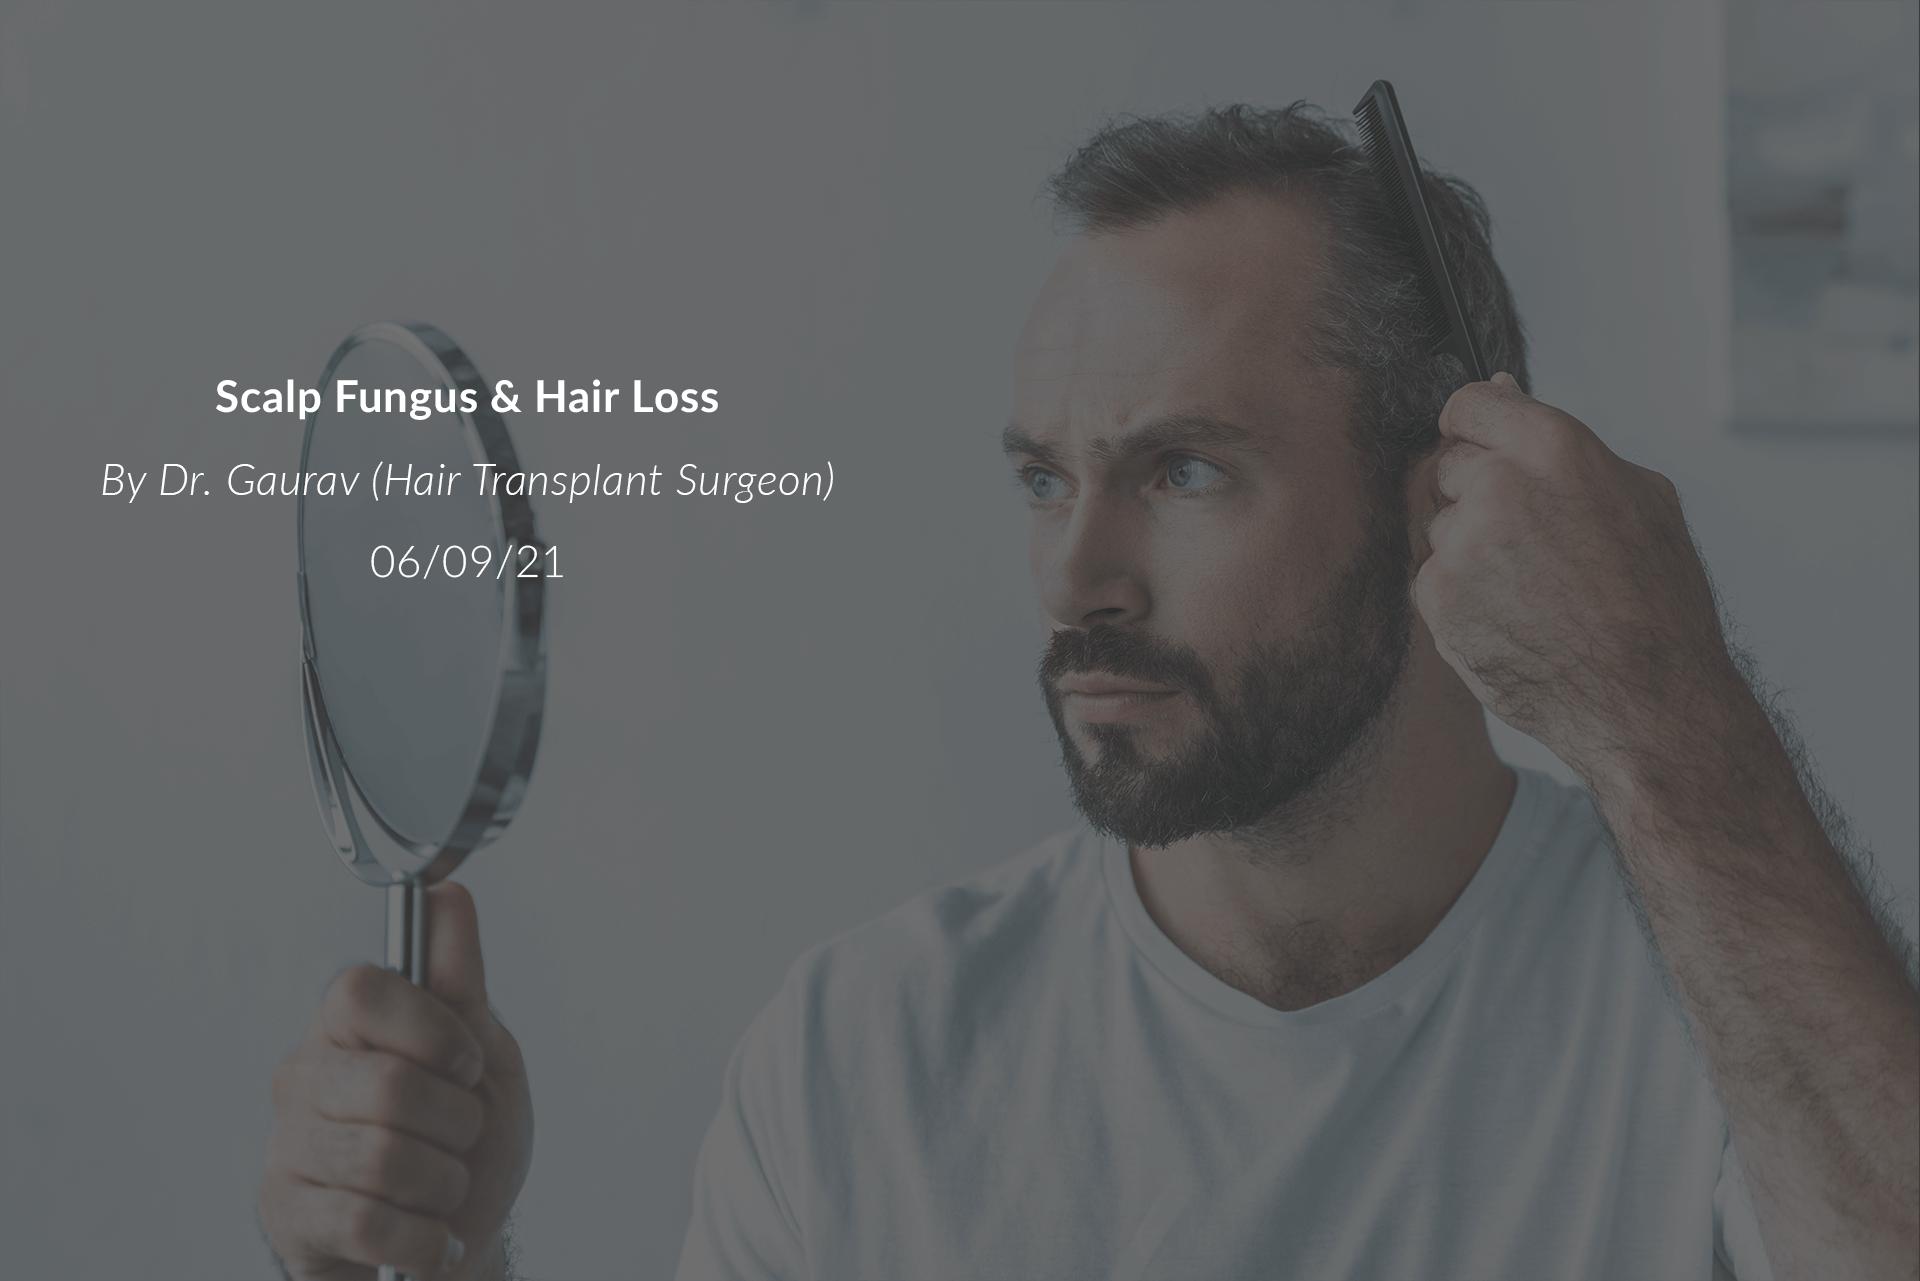 Scalp Fungus & Hair Loss